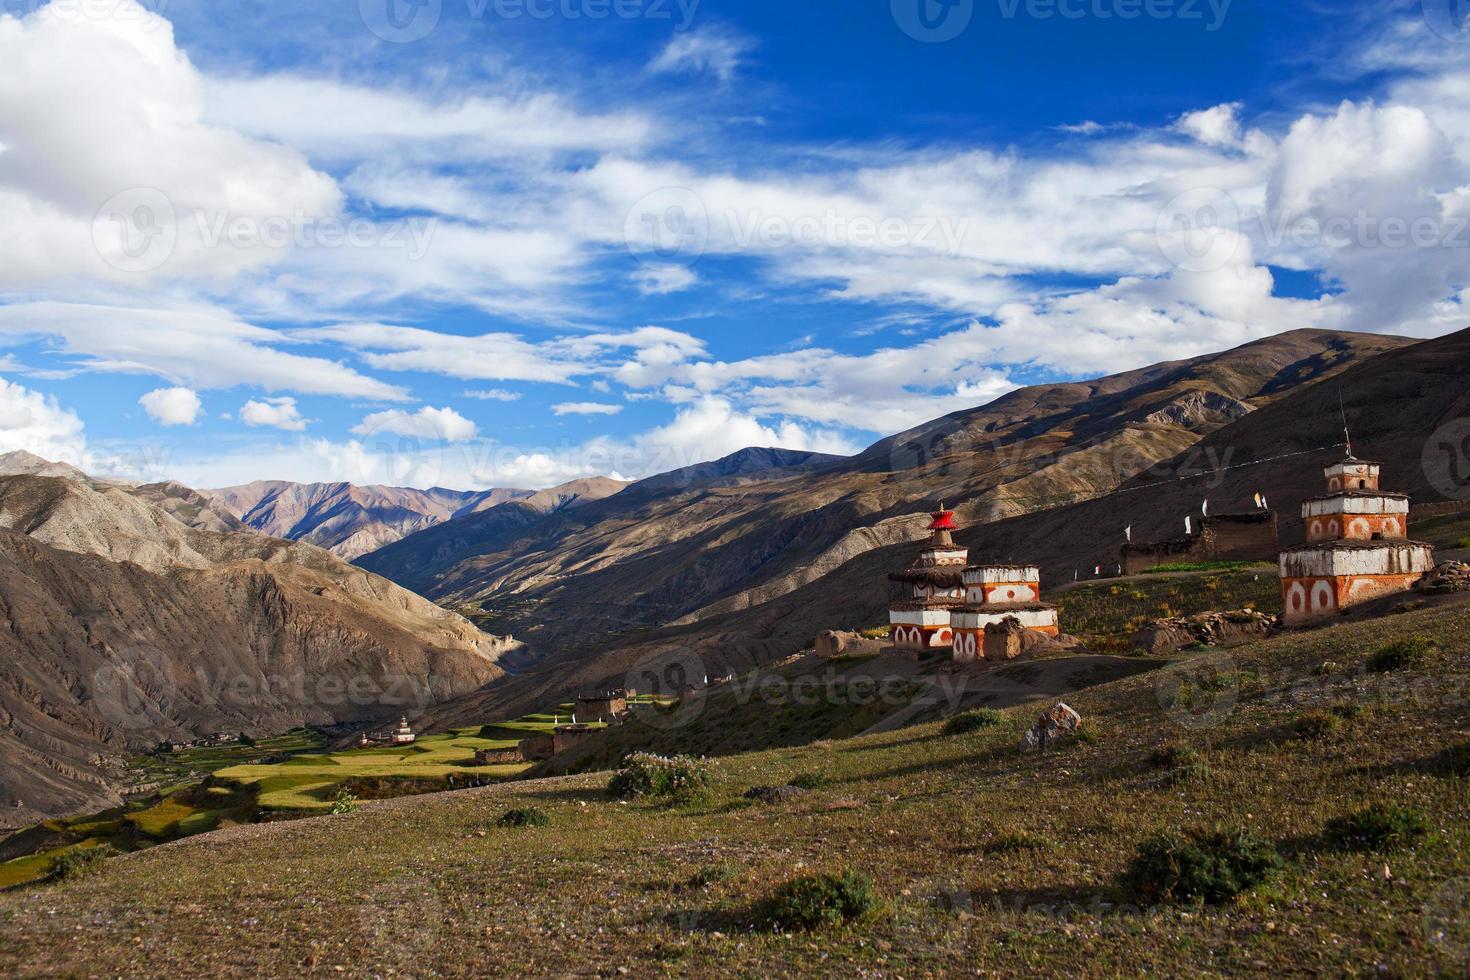 altes bon stupa im saldang dorf, nepal foto